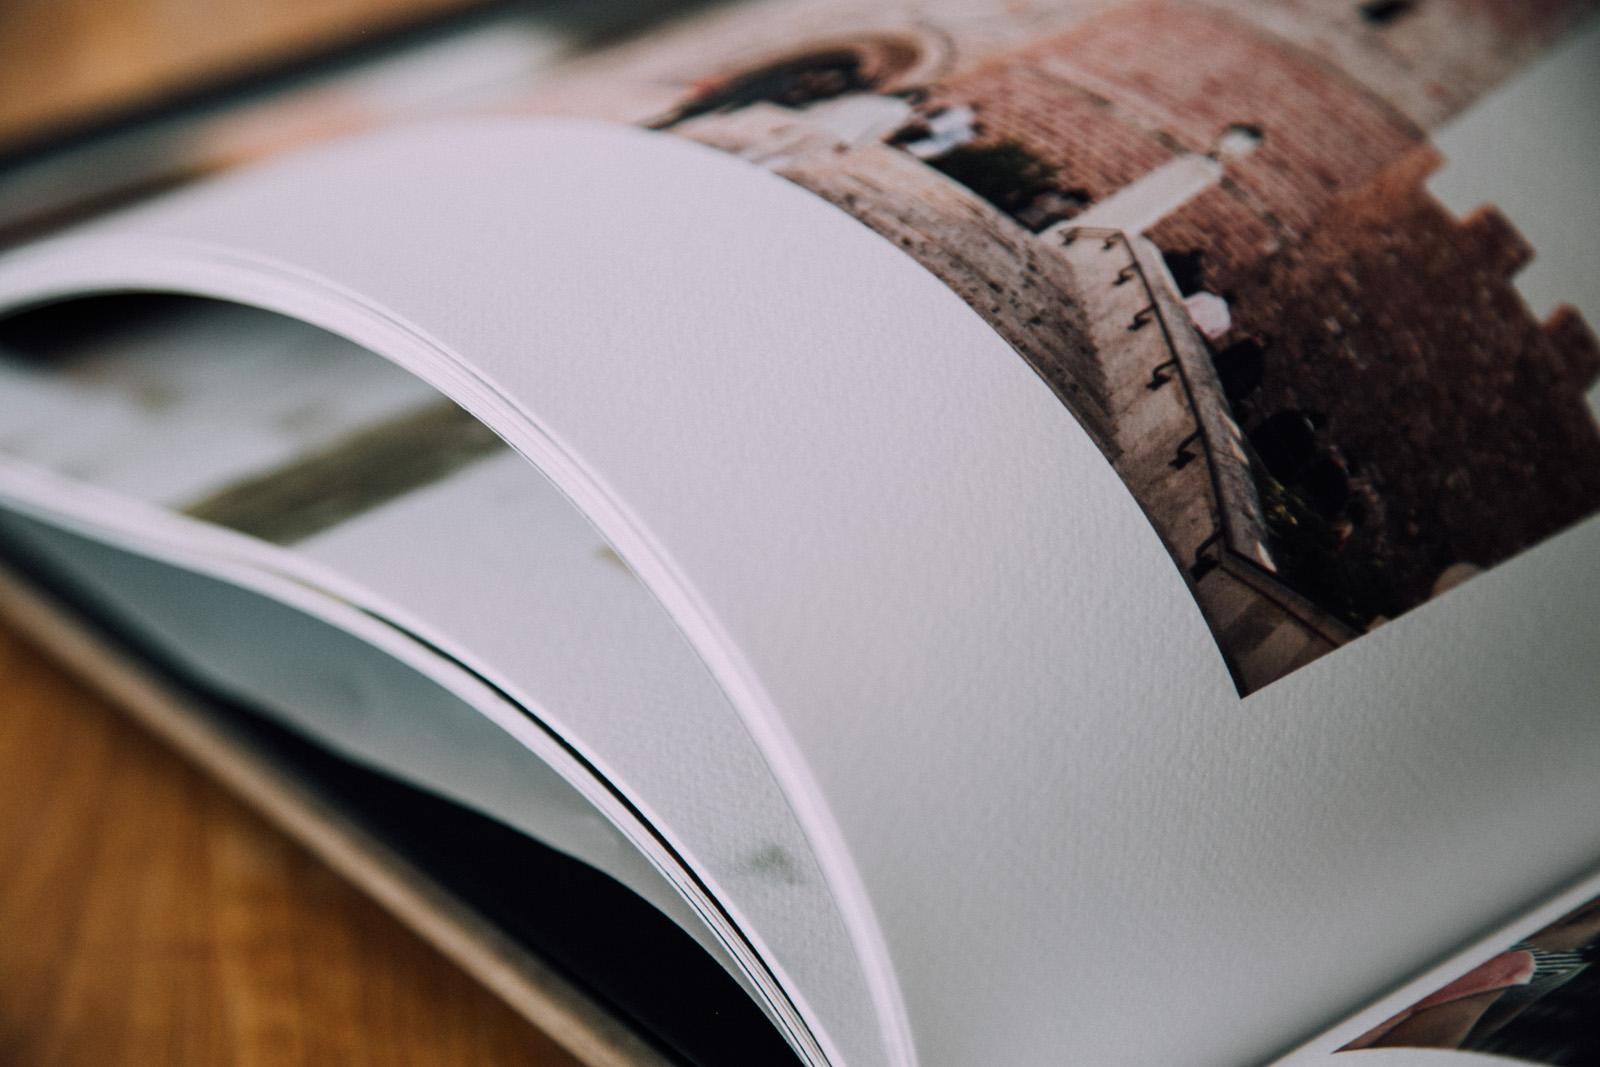 Textura rugosa, similar al papel de acuarela